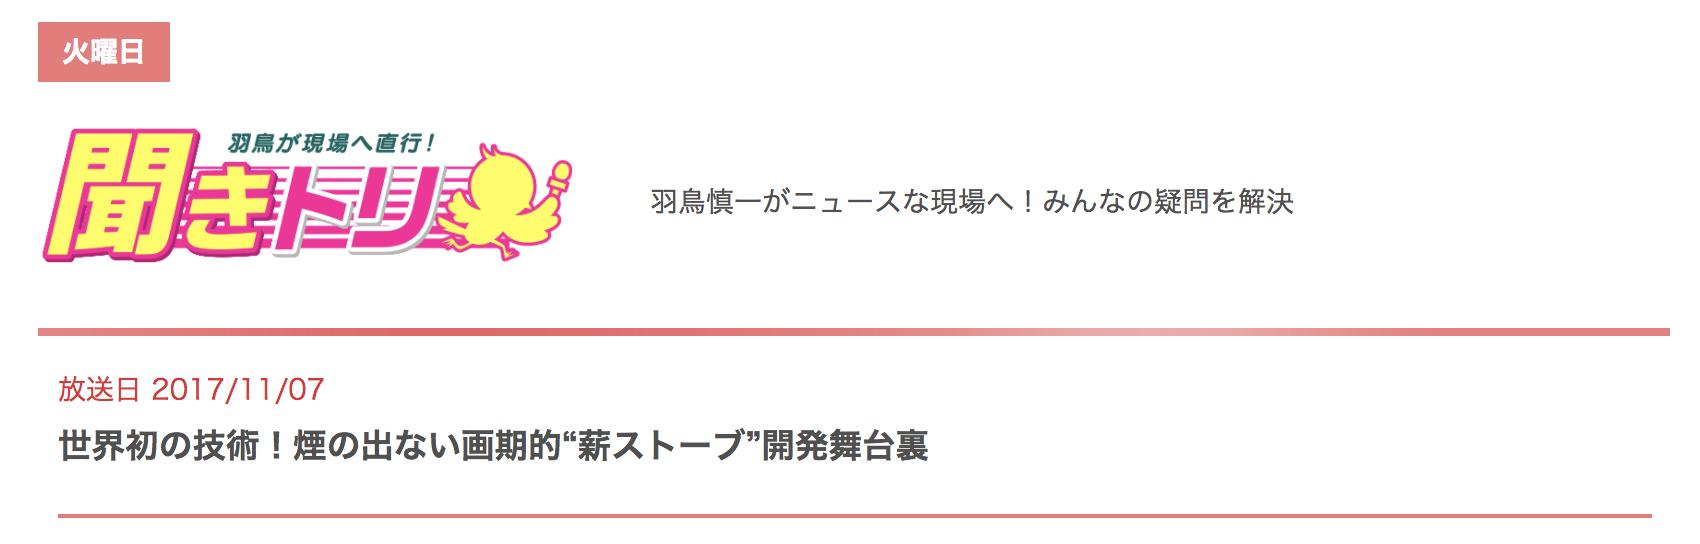 TV朝日 2017/11/7 羽鳥慎一モーニングショーに出ました!